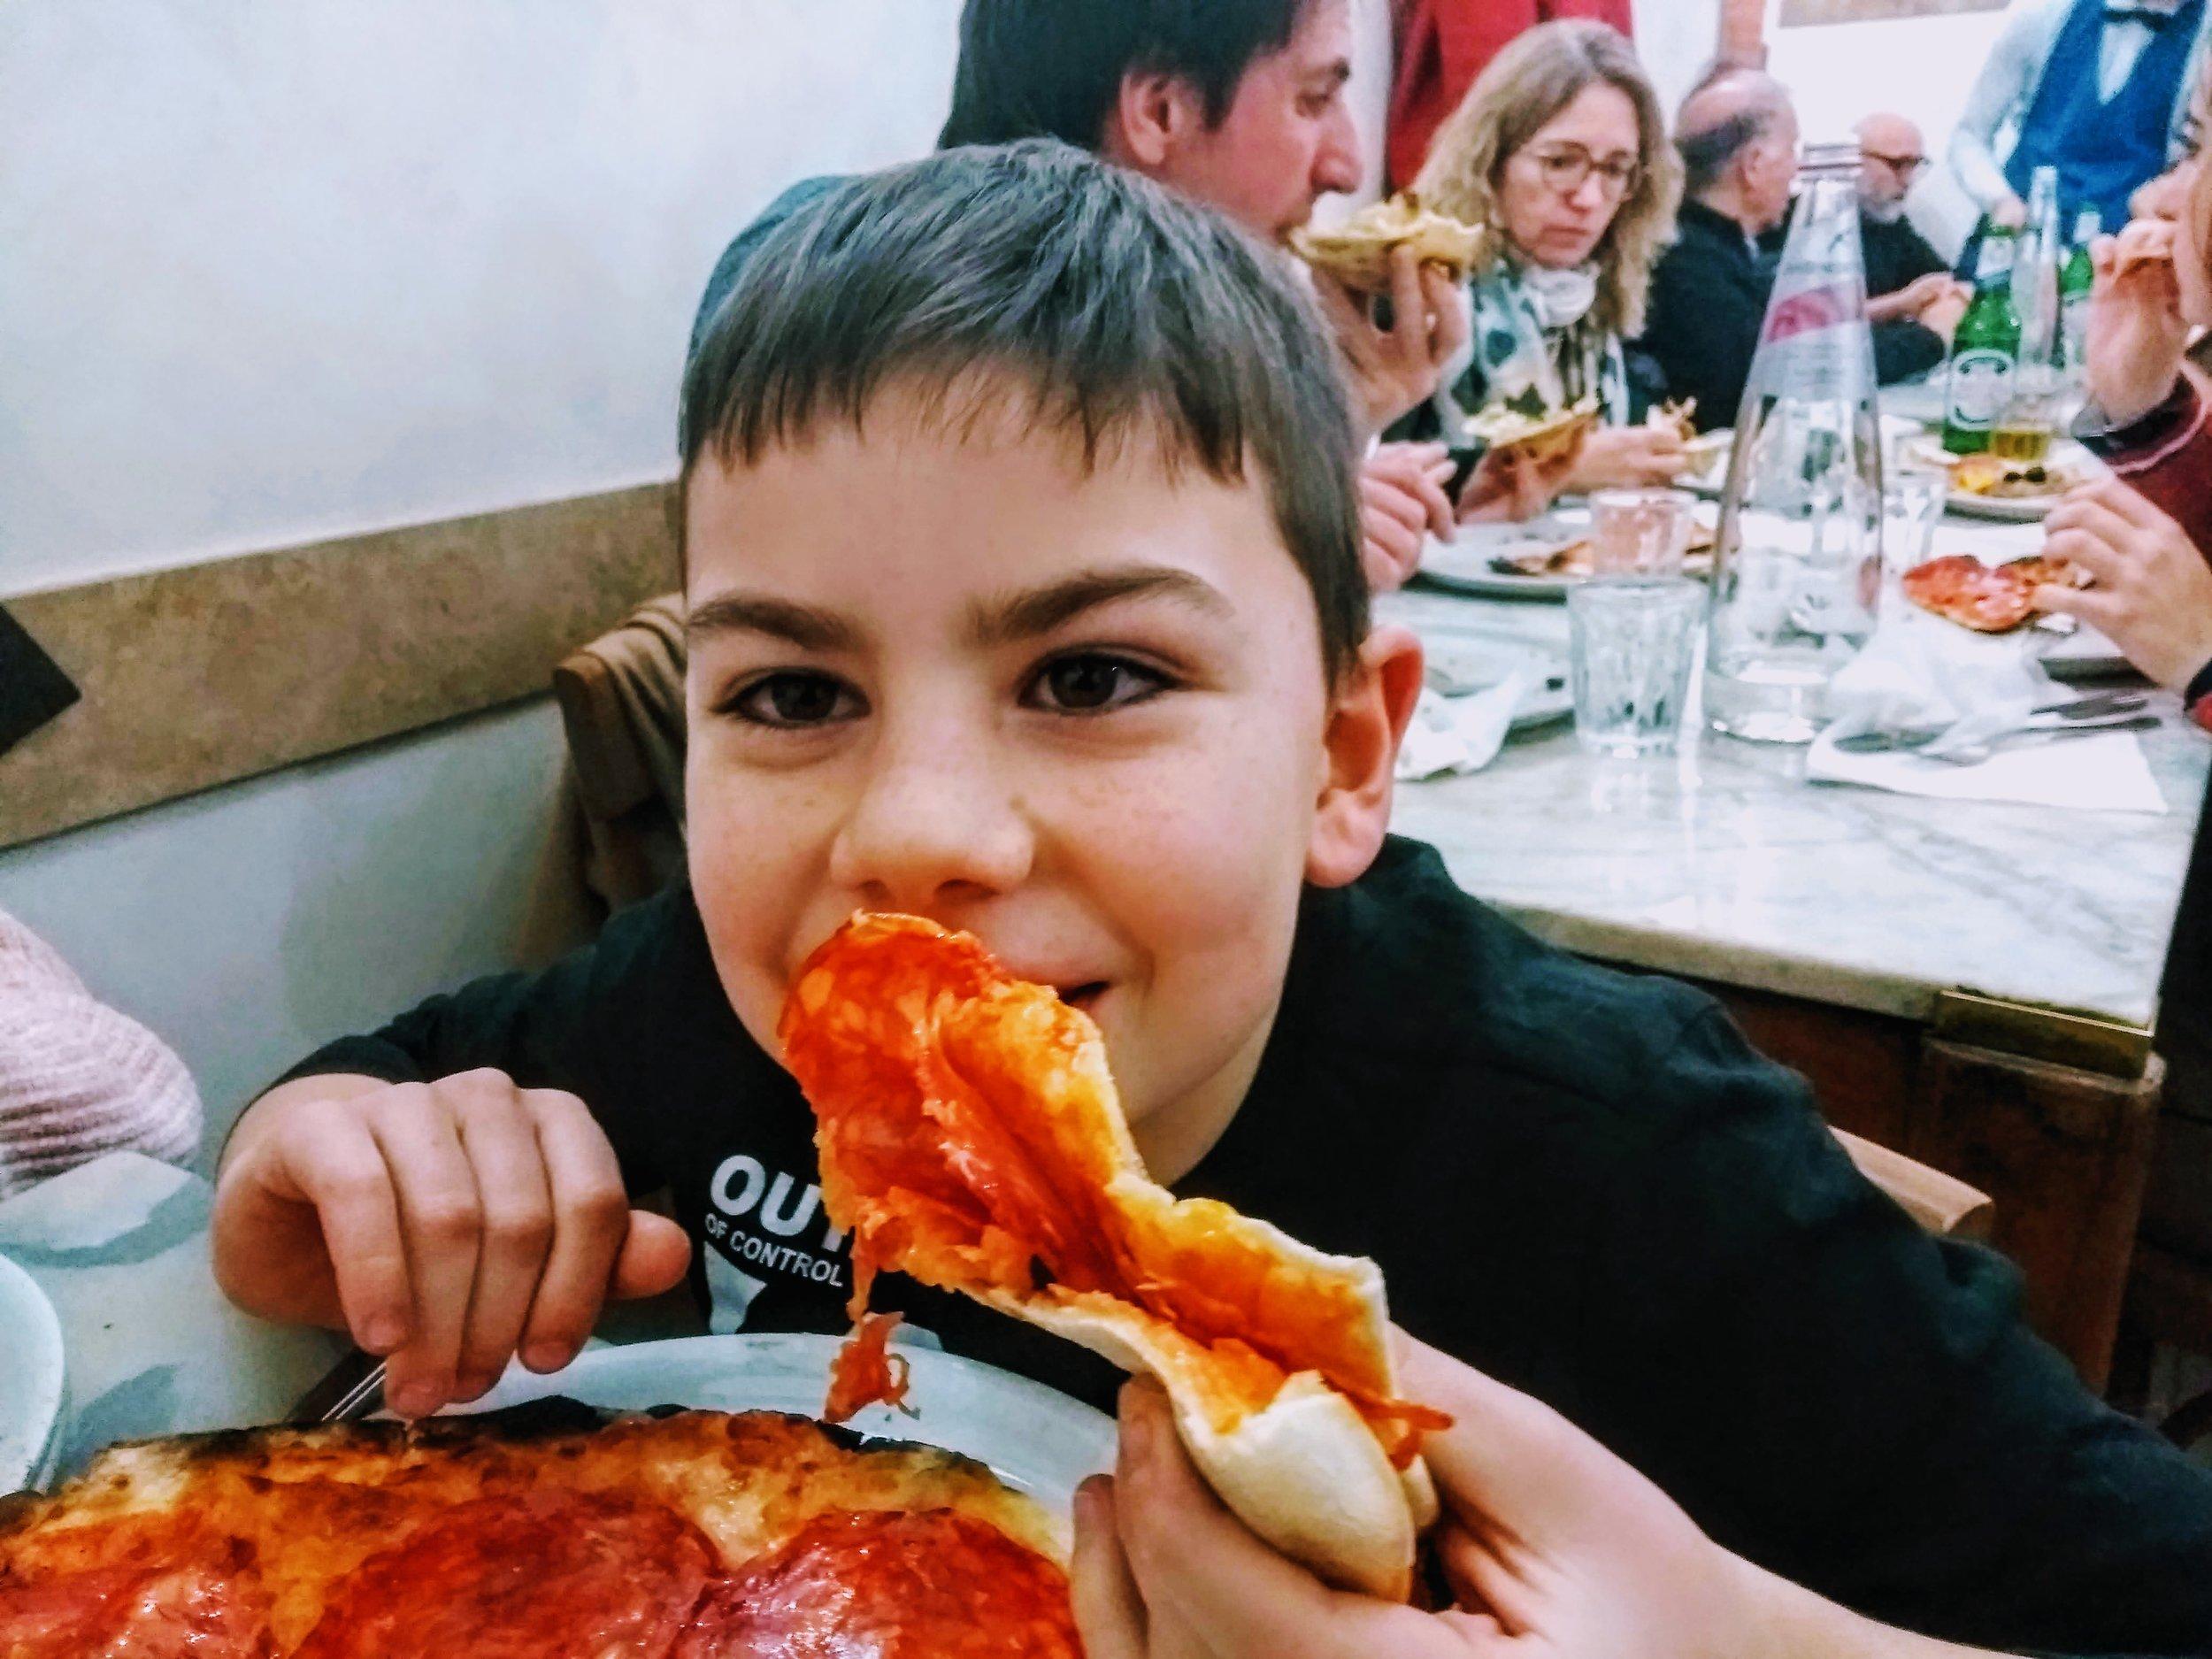 Romeo eating pizza.jpg